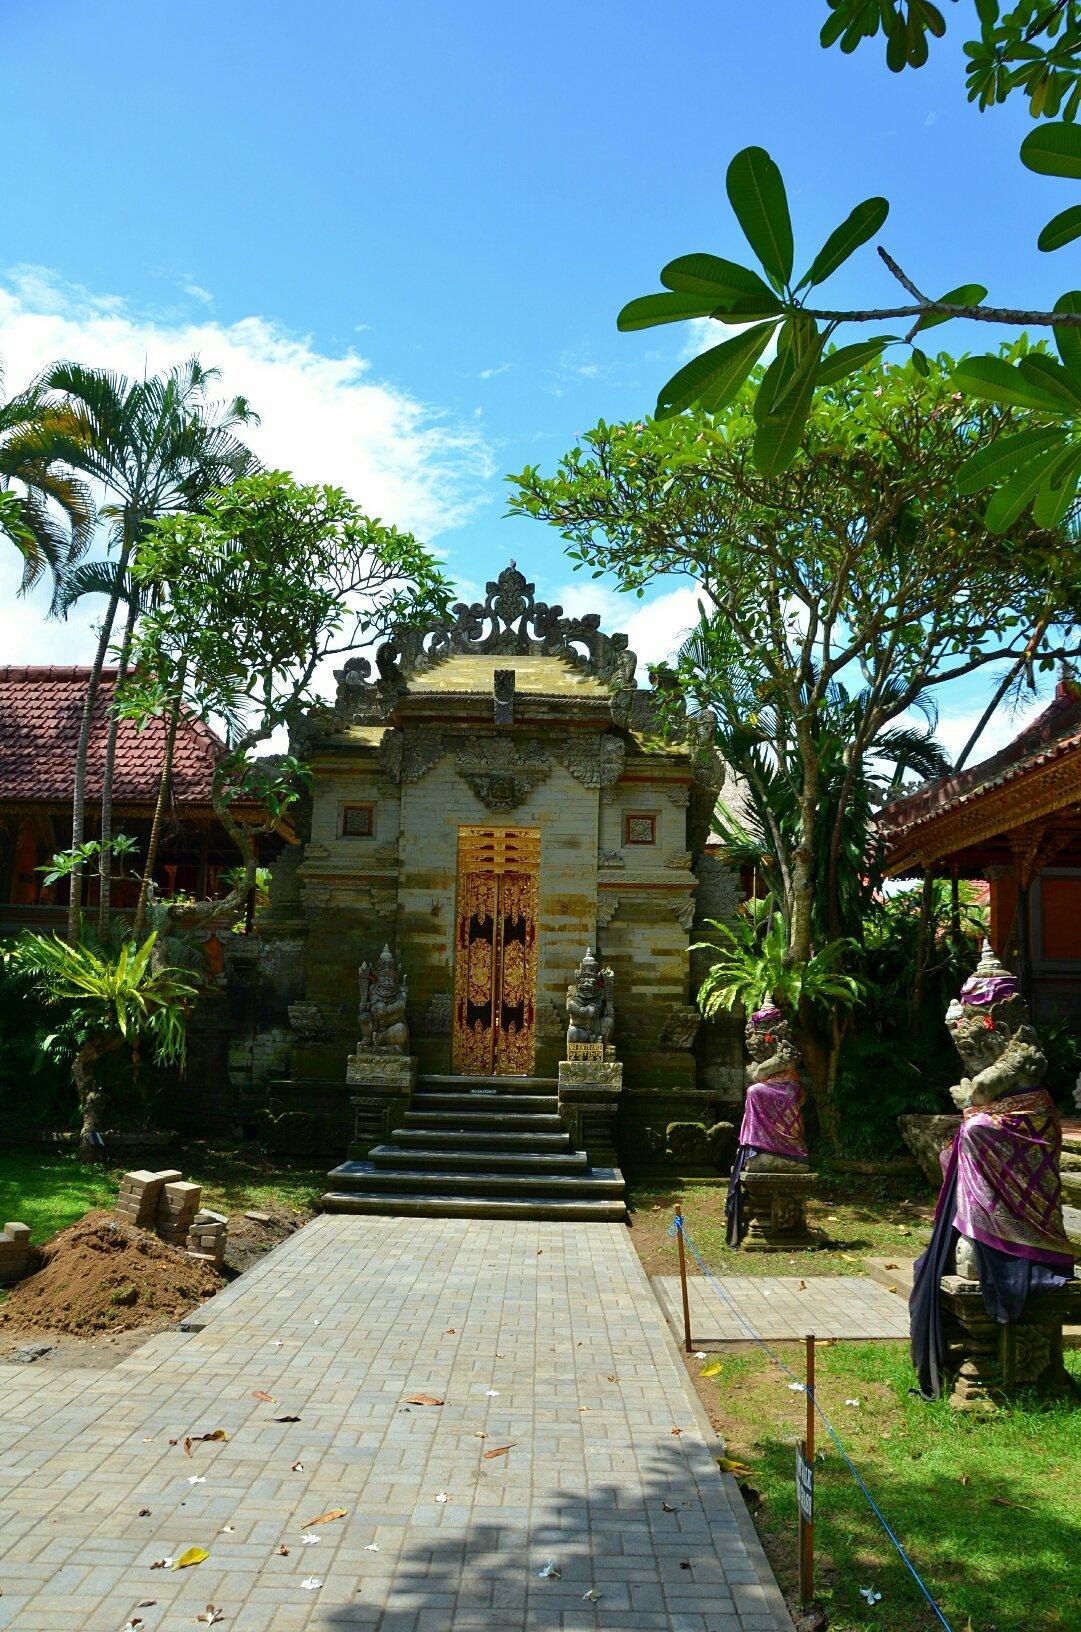 海南省三沙市南沙群岛, 印度尼西亚巴厘岛天气预报